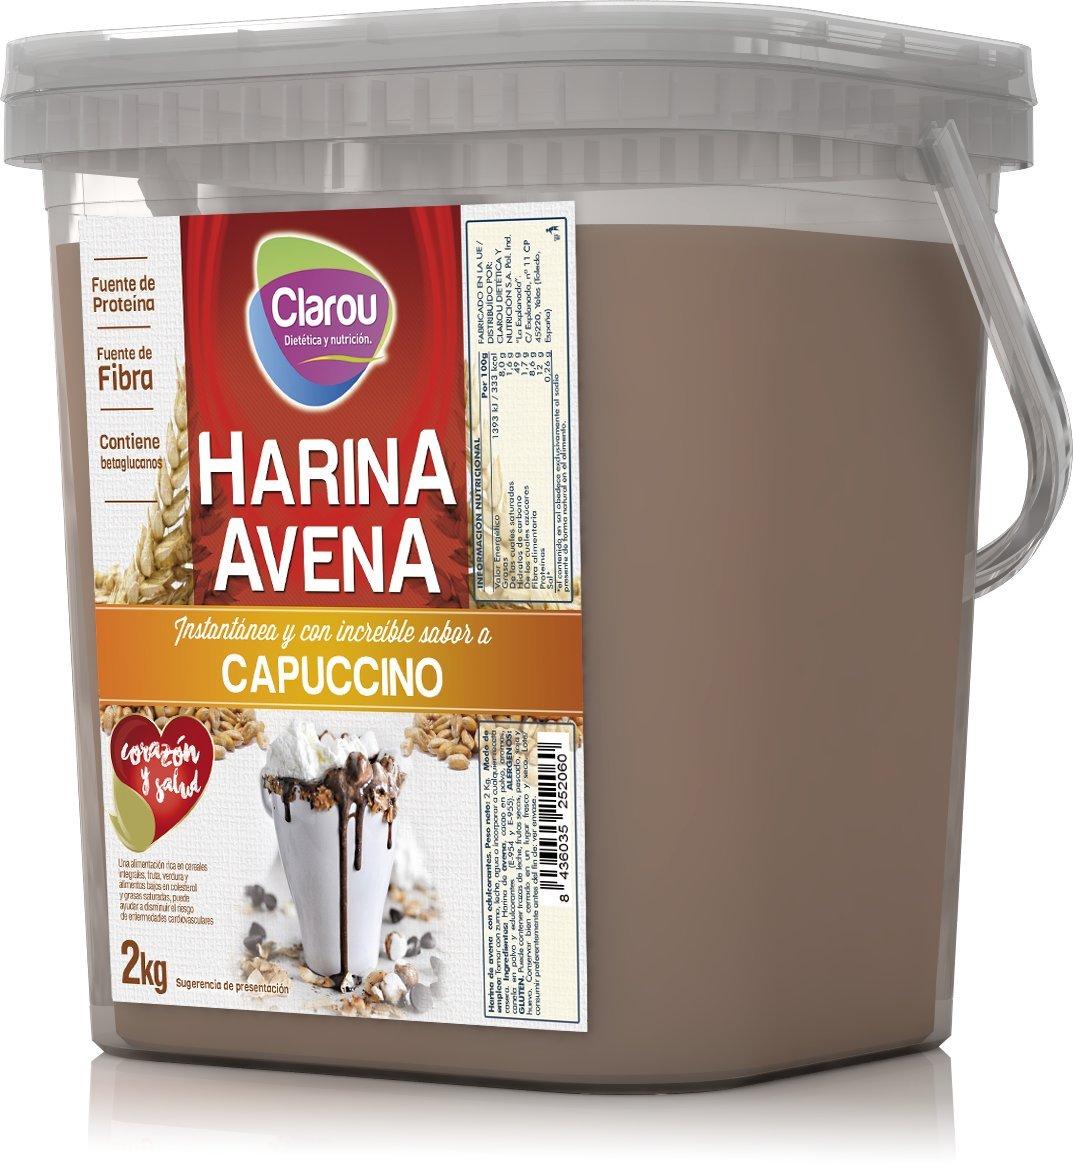 Harina de avena - 2Kg - Sabor Capuchino: Amazon.es: Alimentación y bebidas